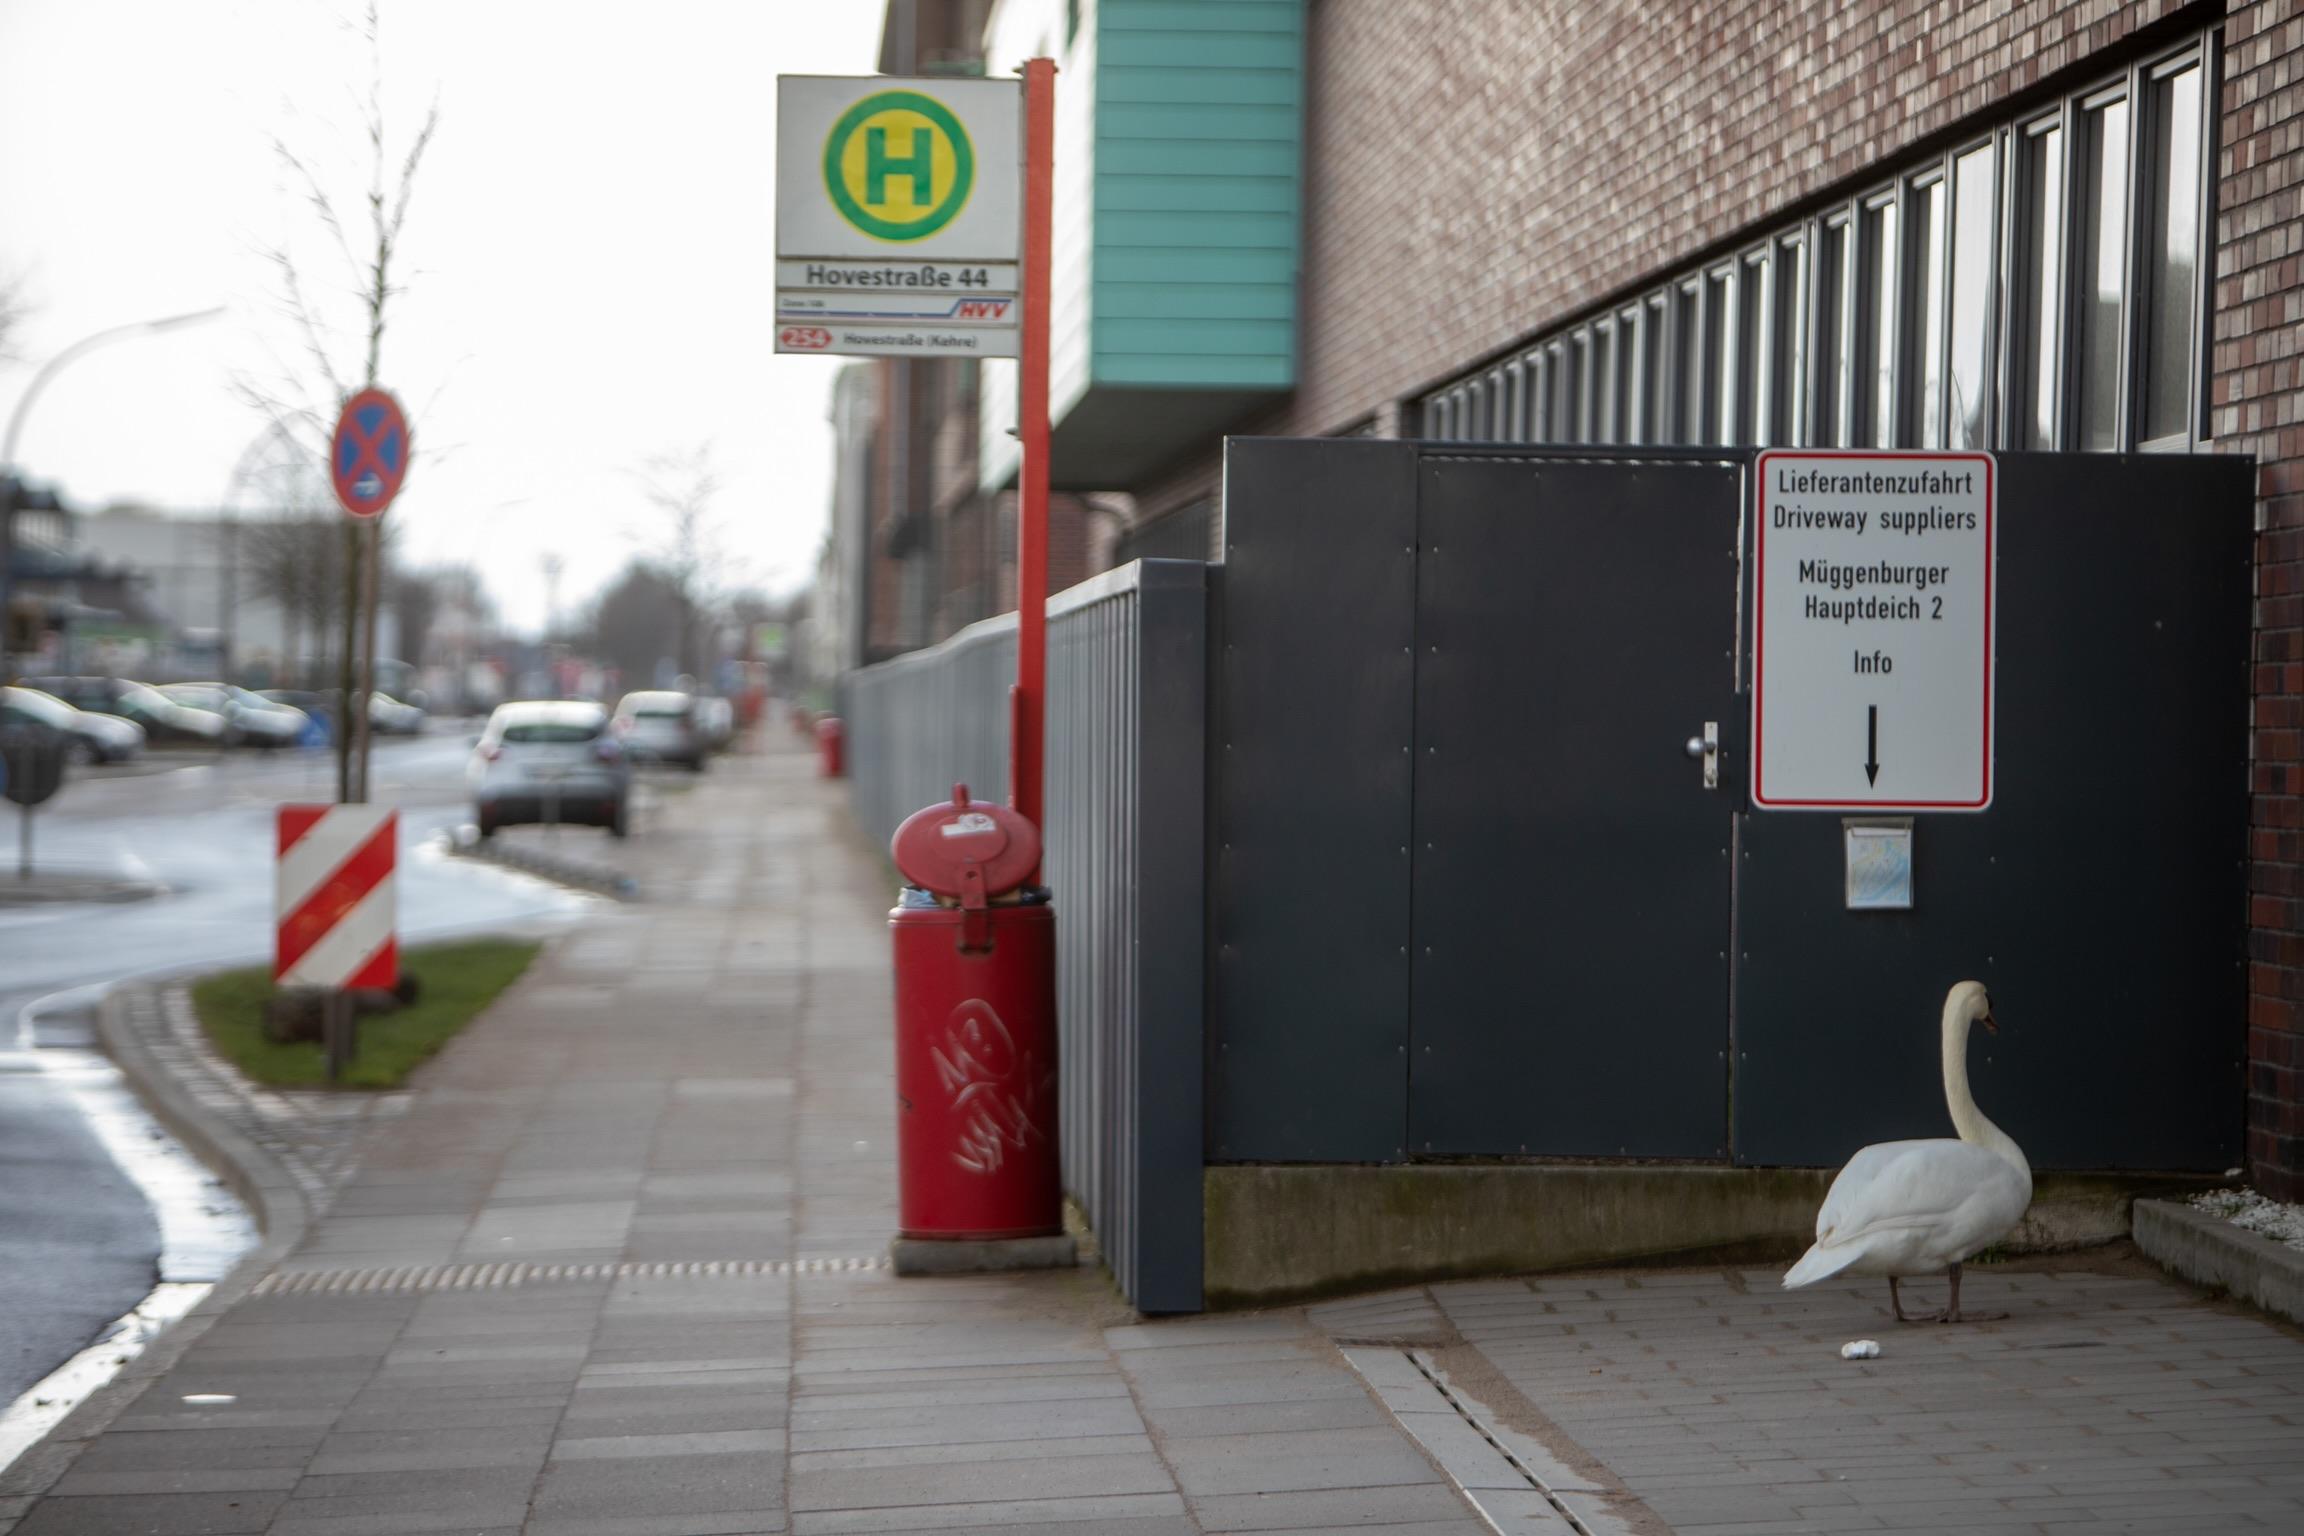 Harte-Landung-Schwan-wartet-im-Hamburger-Industriegebiet-auf-den-Bus